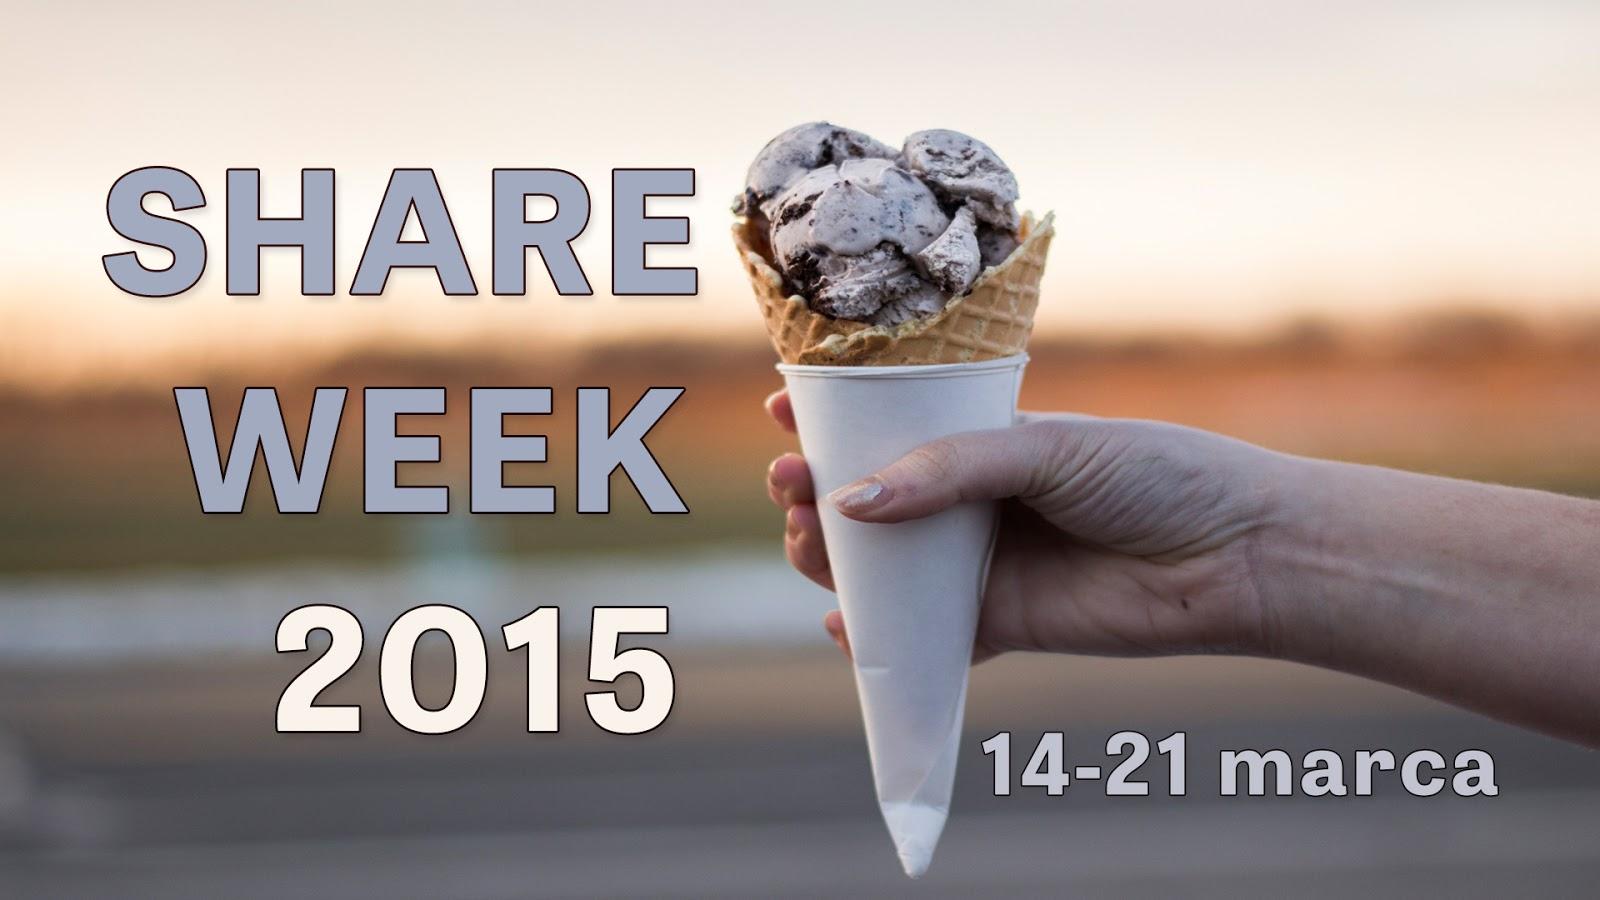 http://jestkultura.pl/2015/polecamy-najlepsze-blogi-share-week-2015/